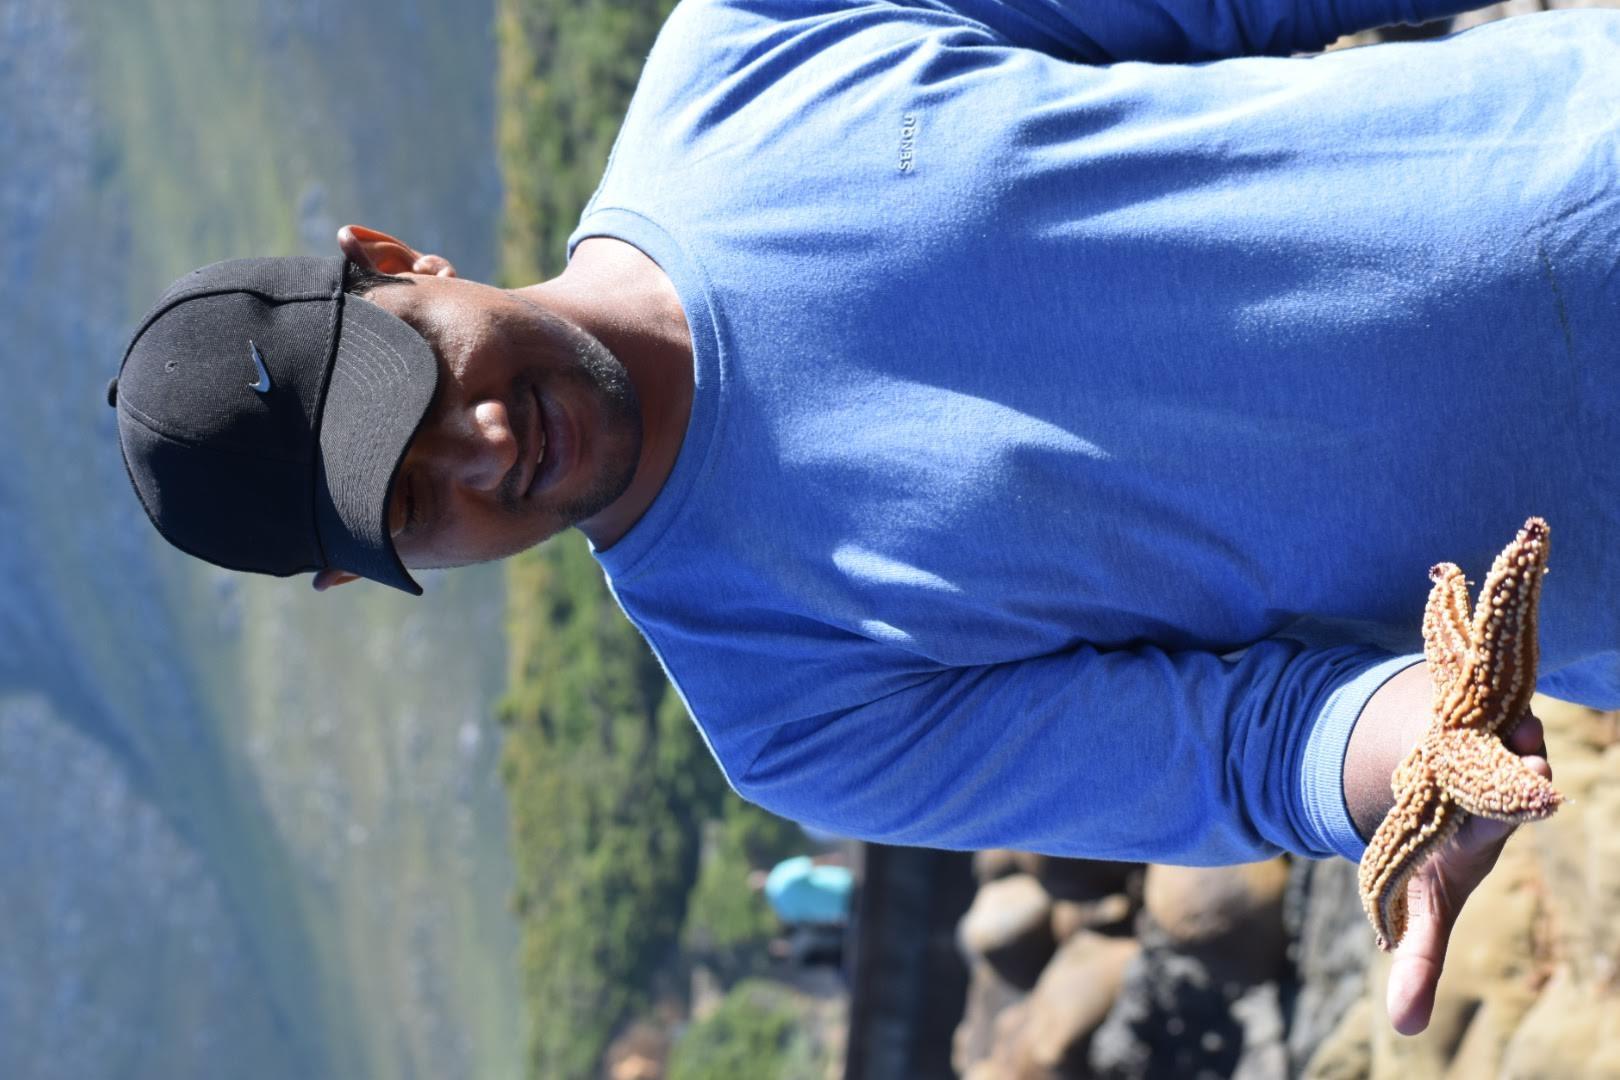 Ashish Bhujadi